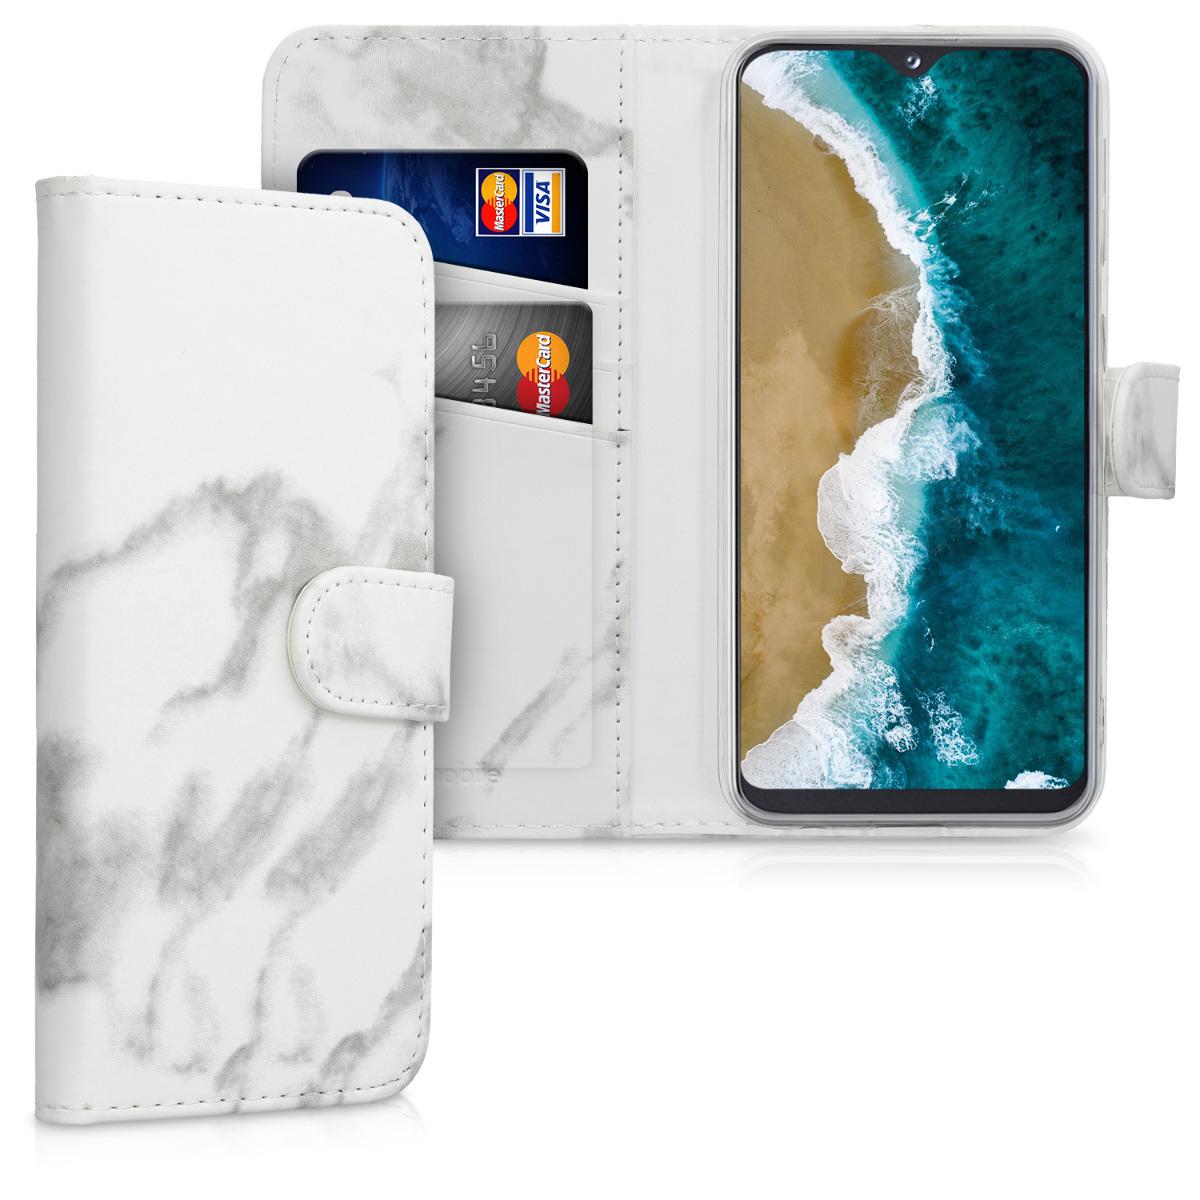 KW Θήκη Πορτοφόλι Samsung Galaxy A20e - White / Black (49626.01)